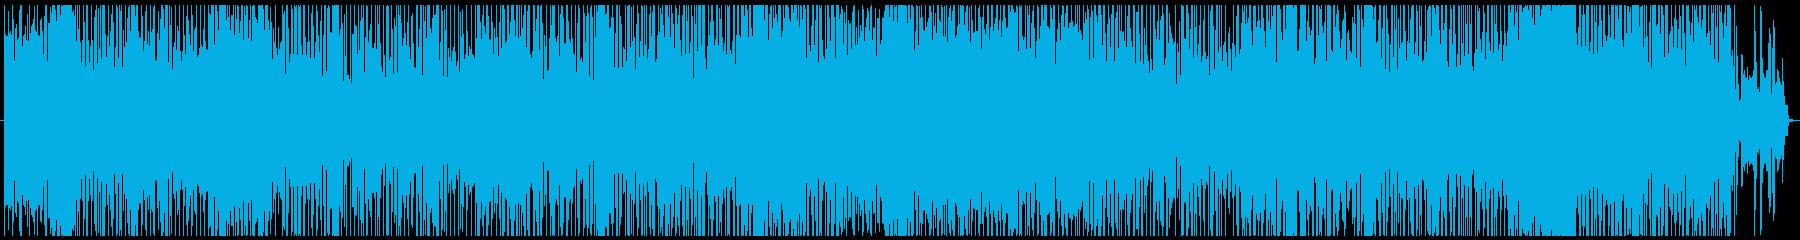 ほのぼのしたオールディ-ズ風童謡ポップスの再生済みの波形